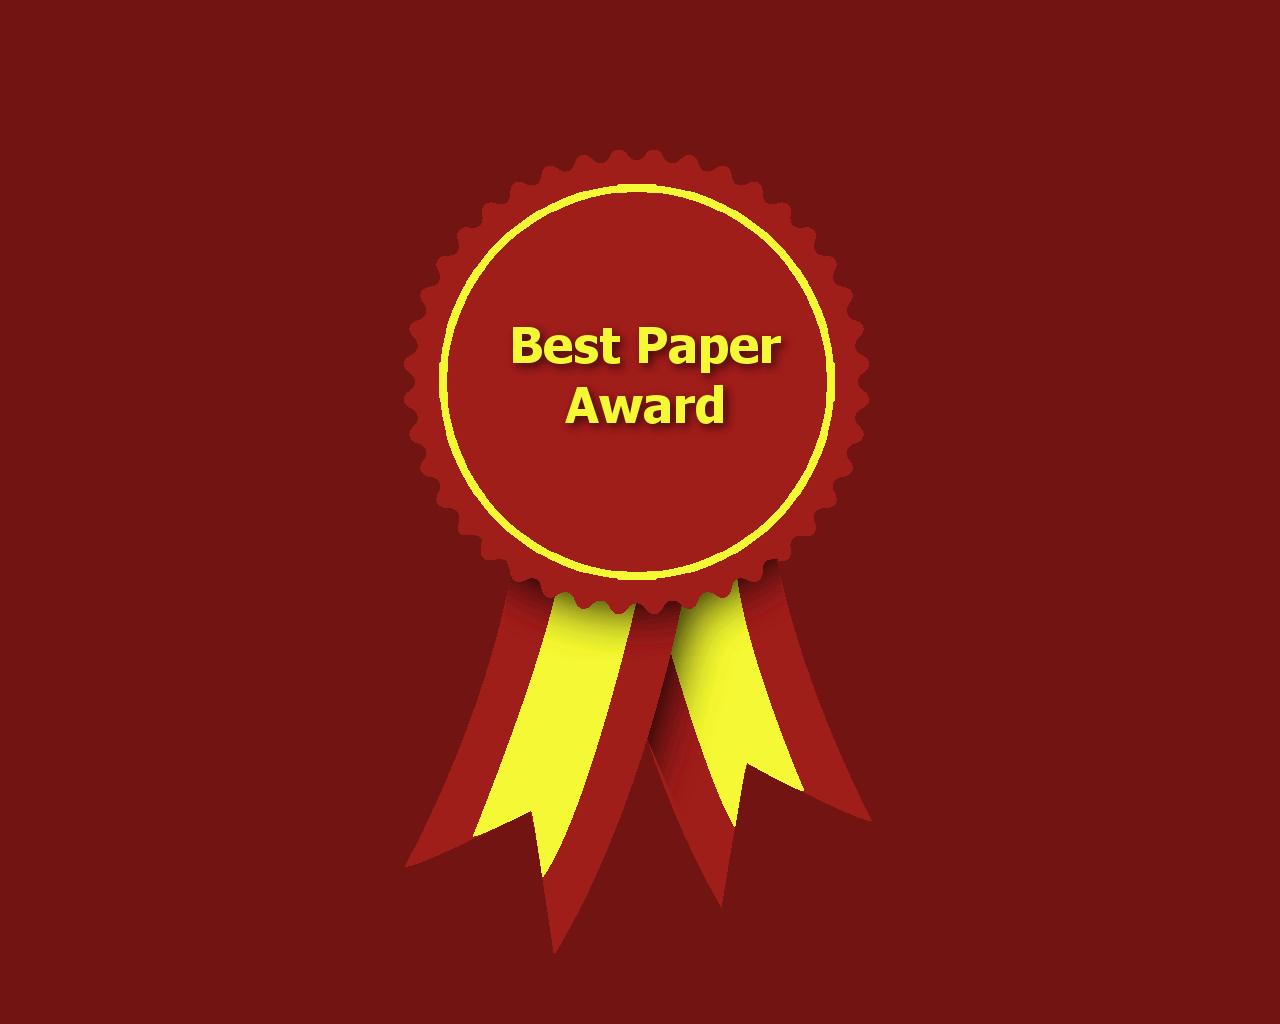 BestPaperAward.png